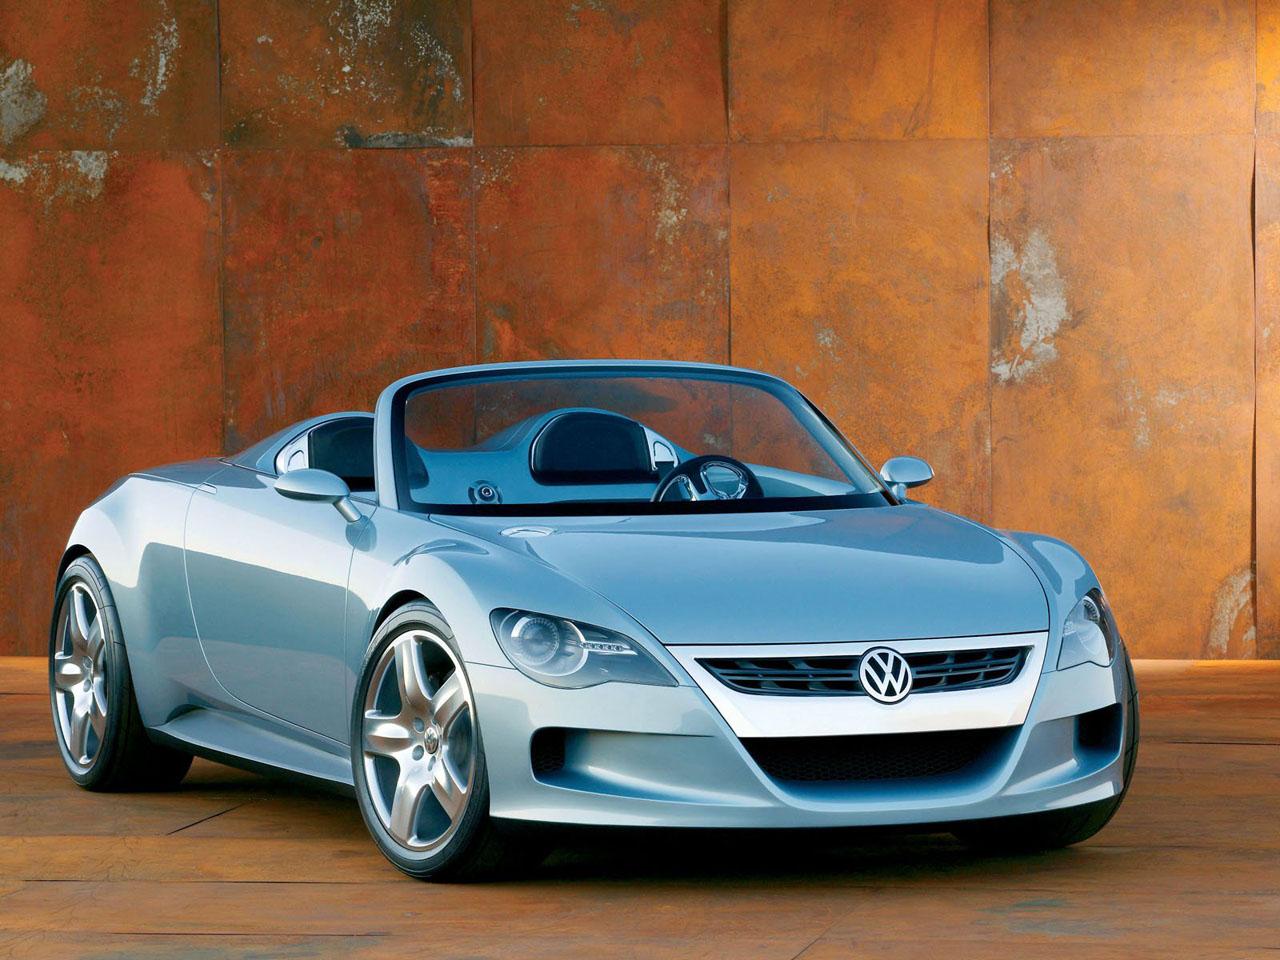 http://3.bp.blogspot.com/-09UMNfTgZTs/TbxuUuwzEeI/AAAAAAAABzw/xXC16RhgYYI/s1600/2008-volkswagen-concept-r.jpg